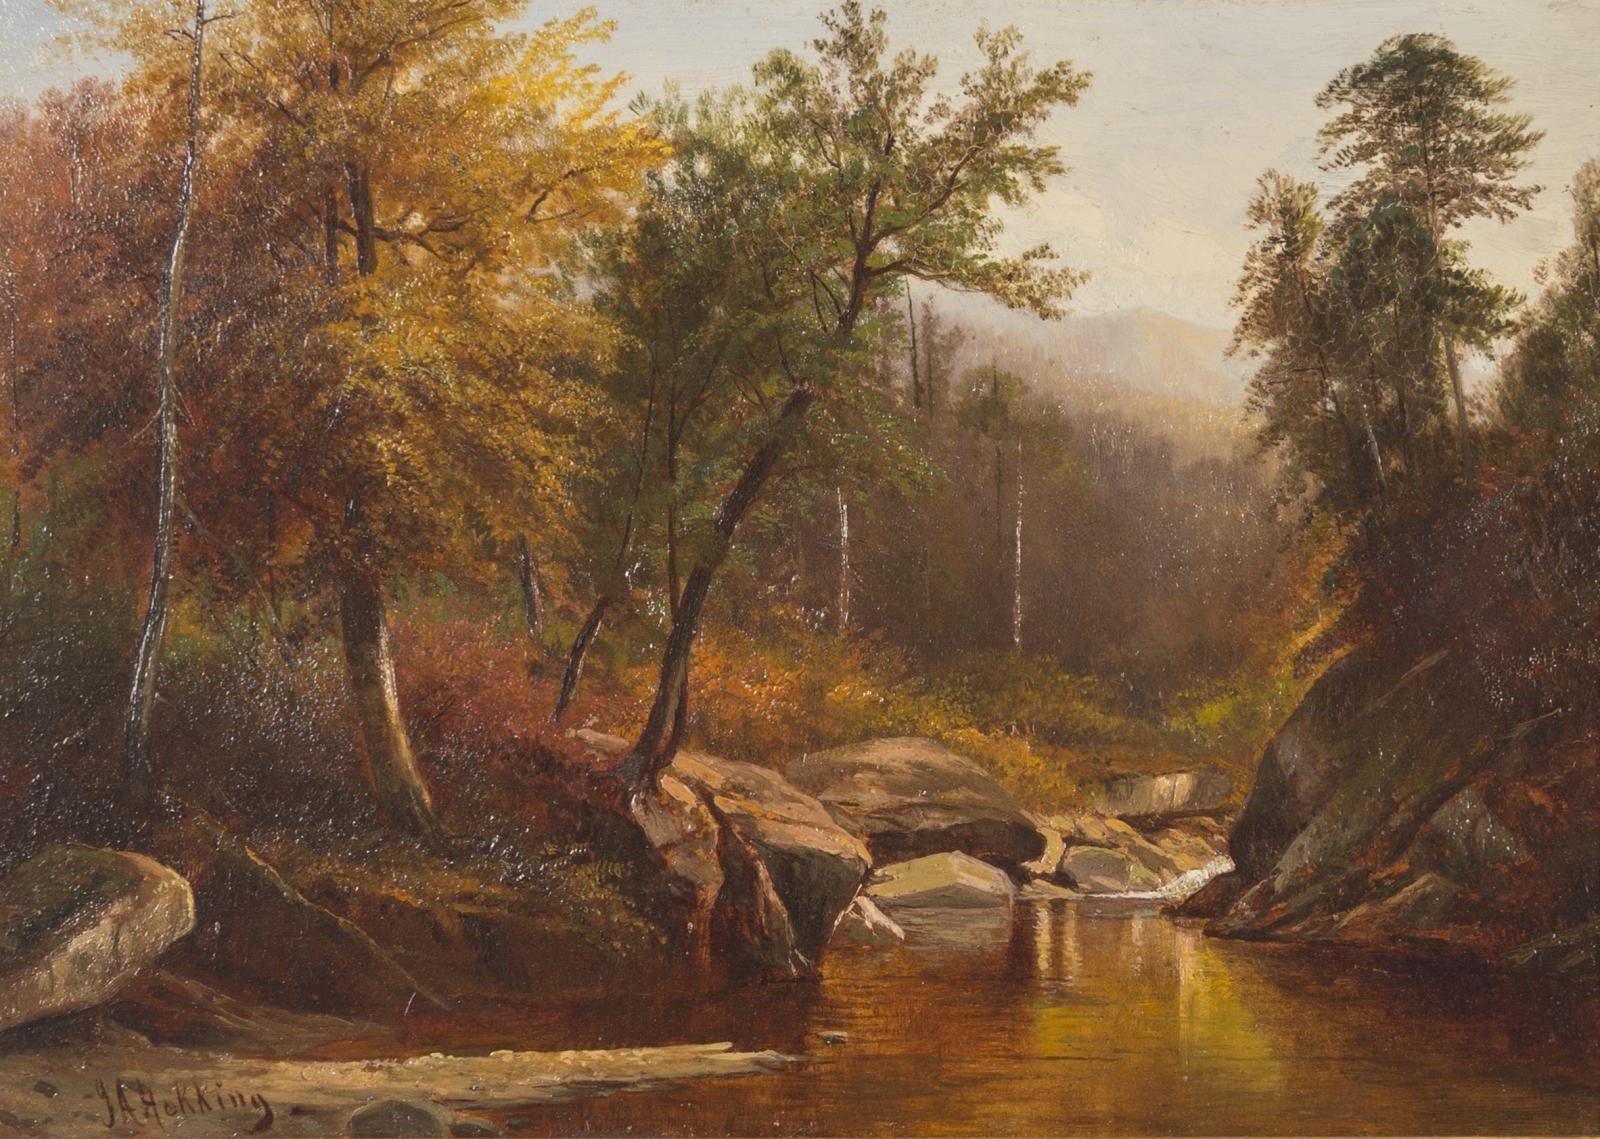 Joseph Antonio Hekking, Mountain Stream in the Adirondacks, Circa 1865